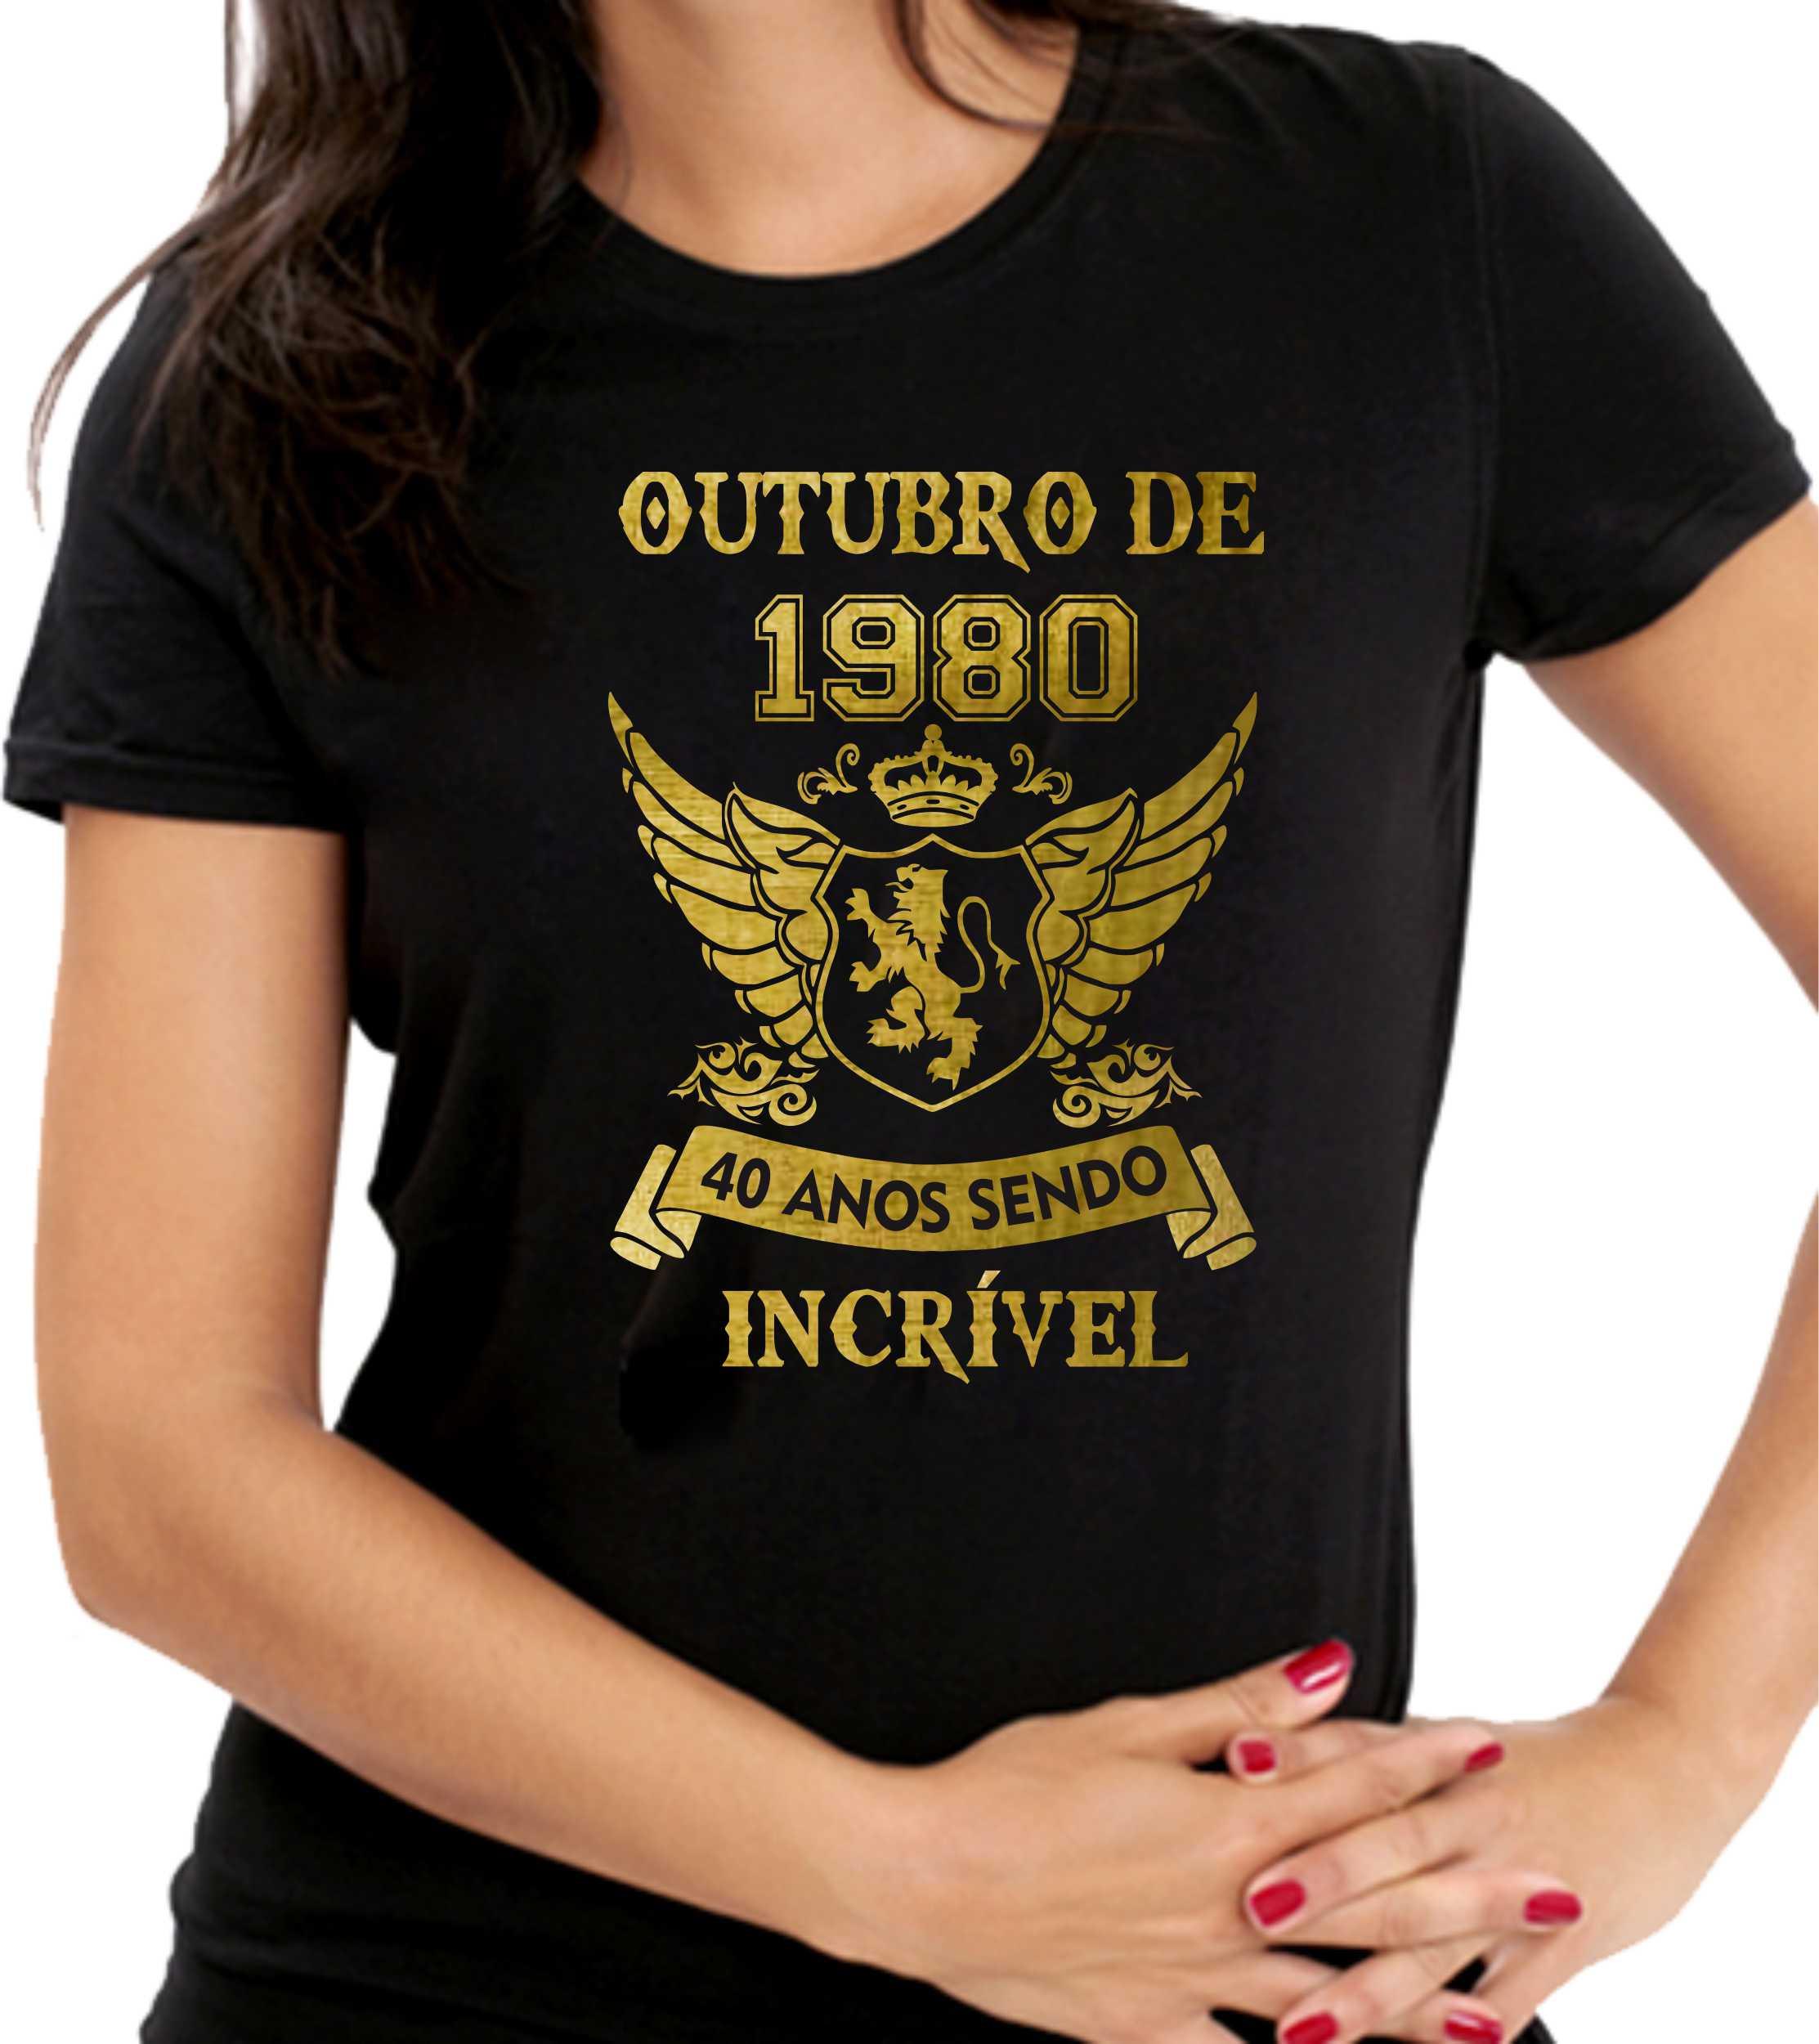 Camiseta Personalizada Preta Sendo Incrível - Escolha o Mês Ano e a Idade